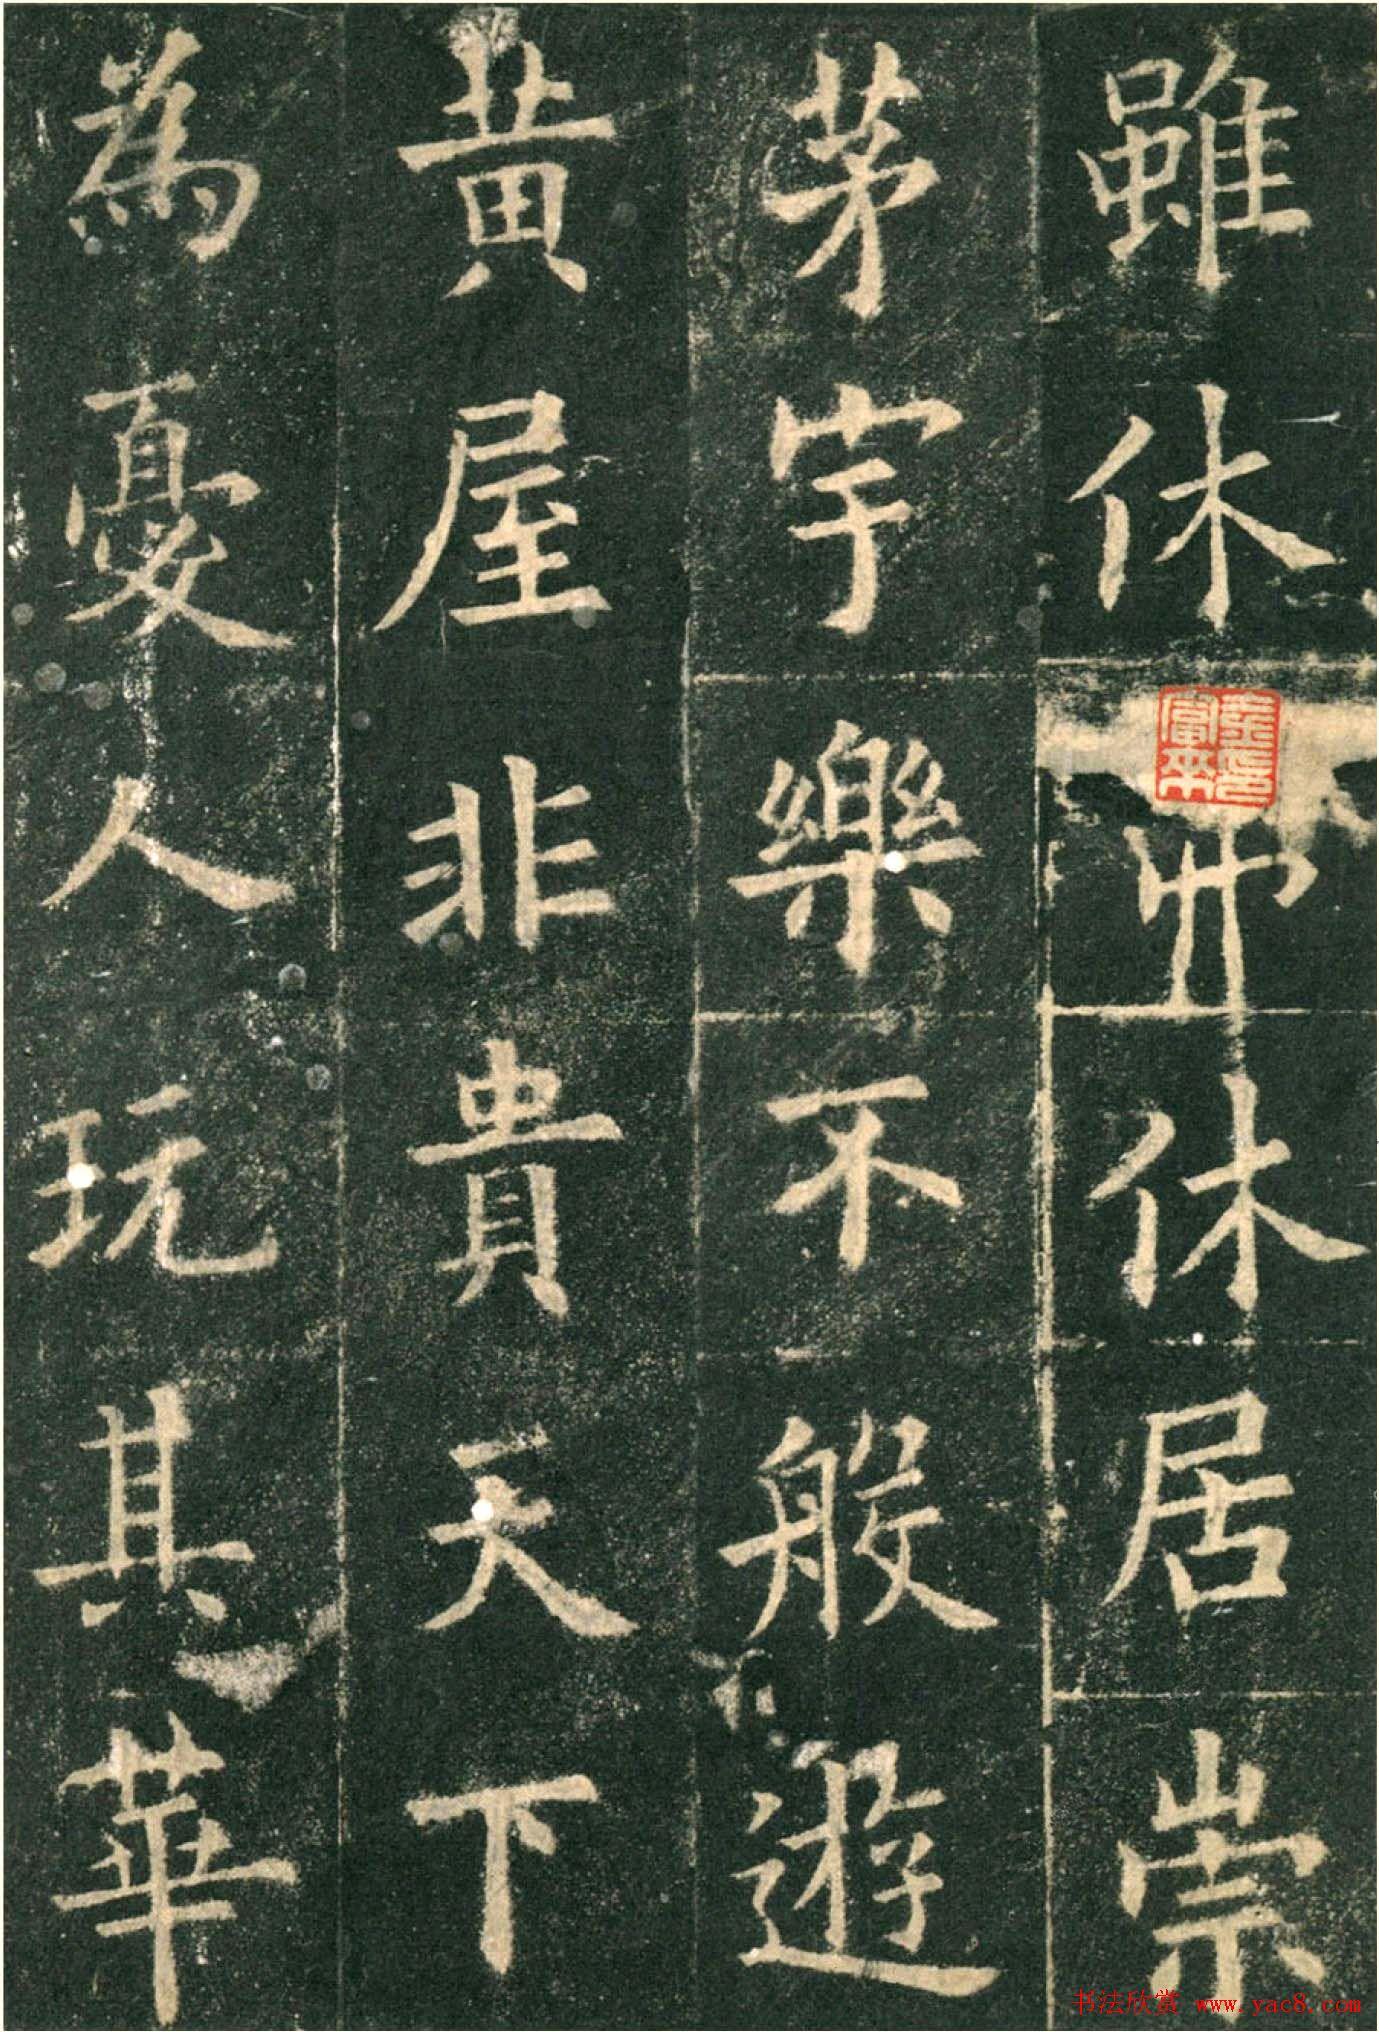 欧阳询楷书字帖《九成宫醴泉铭》(45)图片